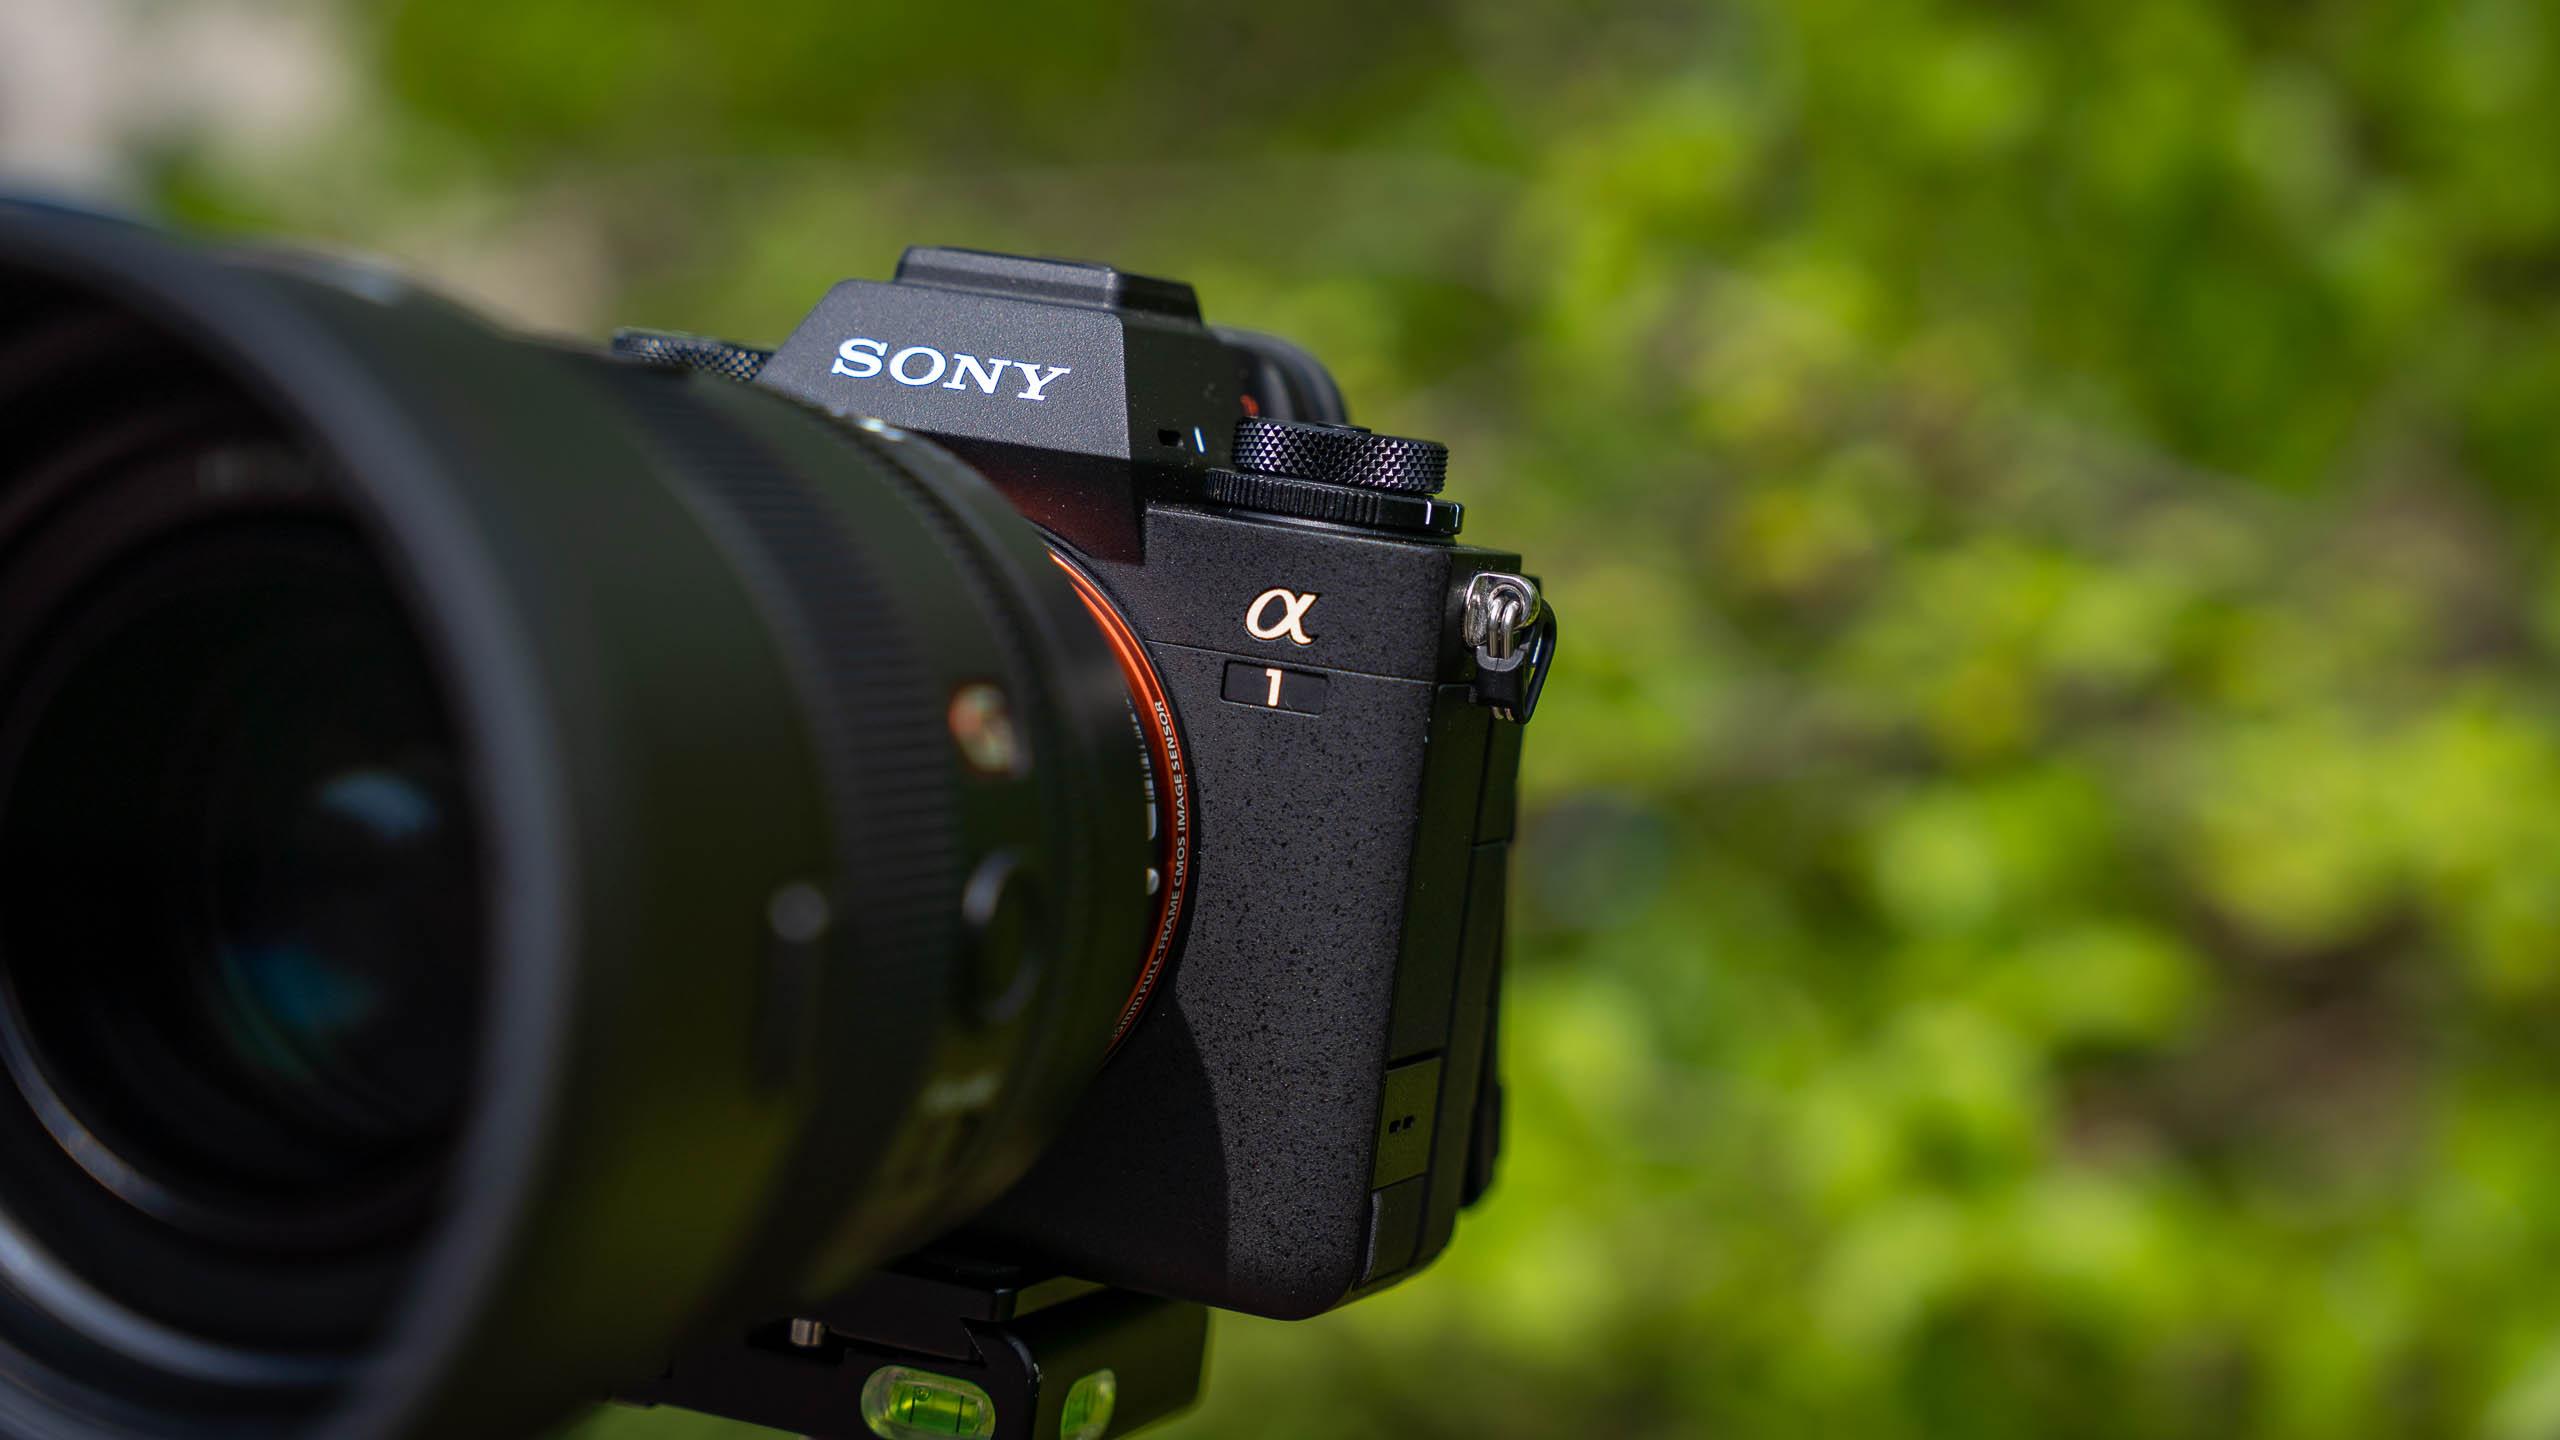 Sonya1-50mm-027-2